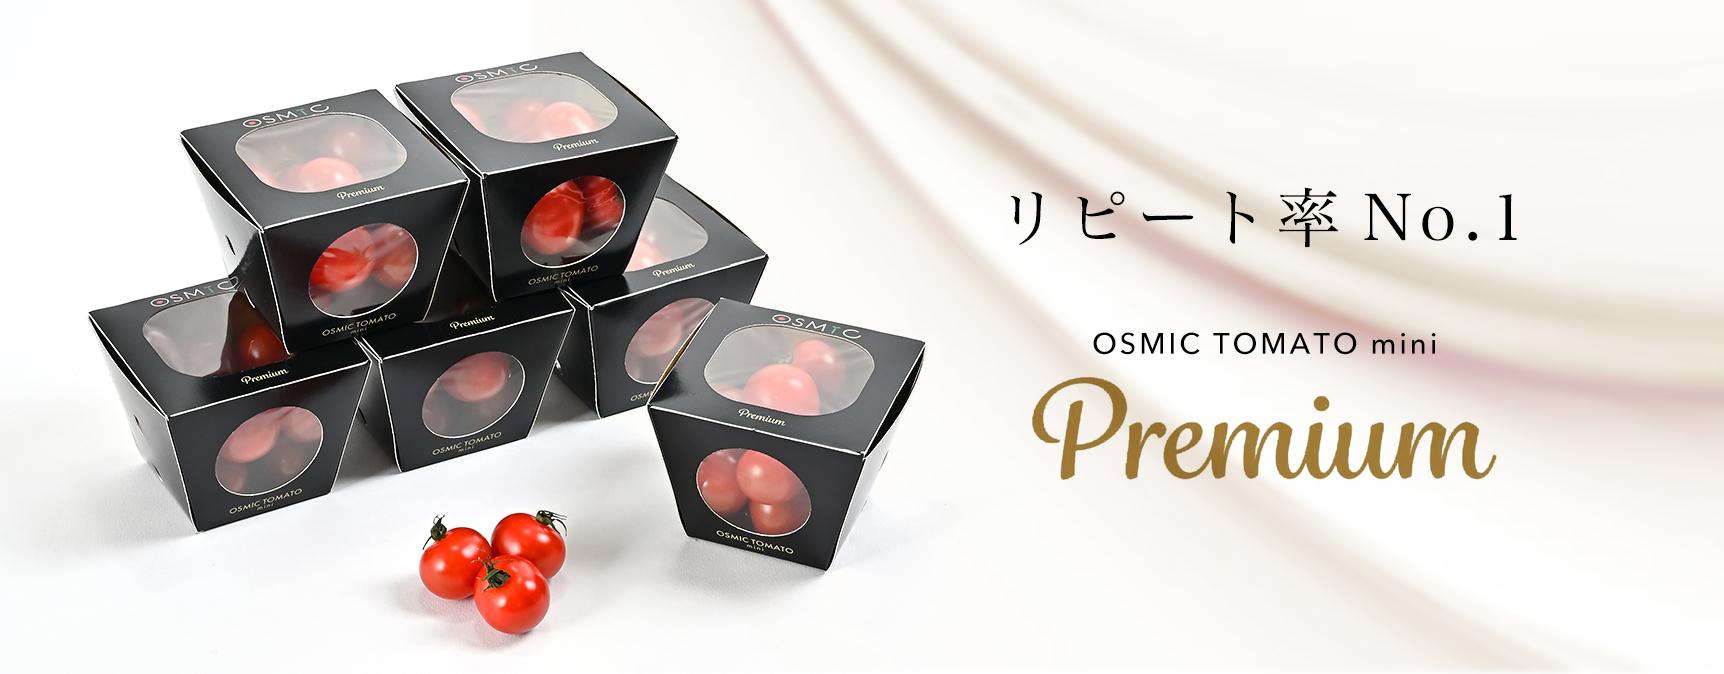 リピート率No.1 OSMIC TOMATO mini Premium